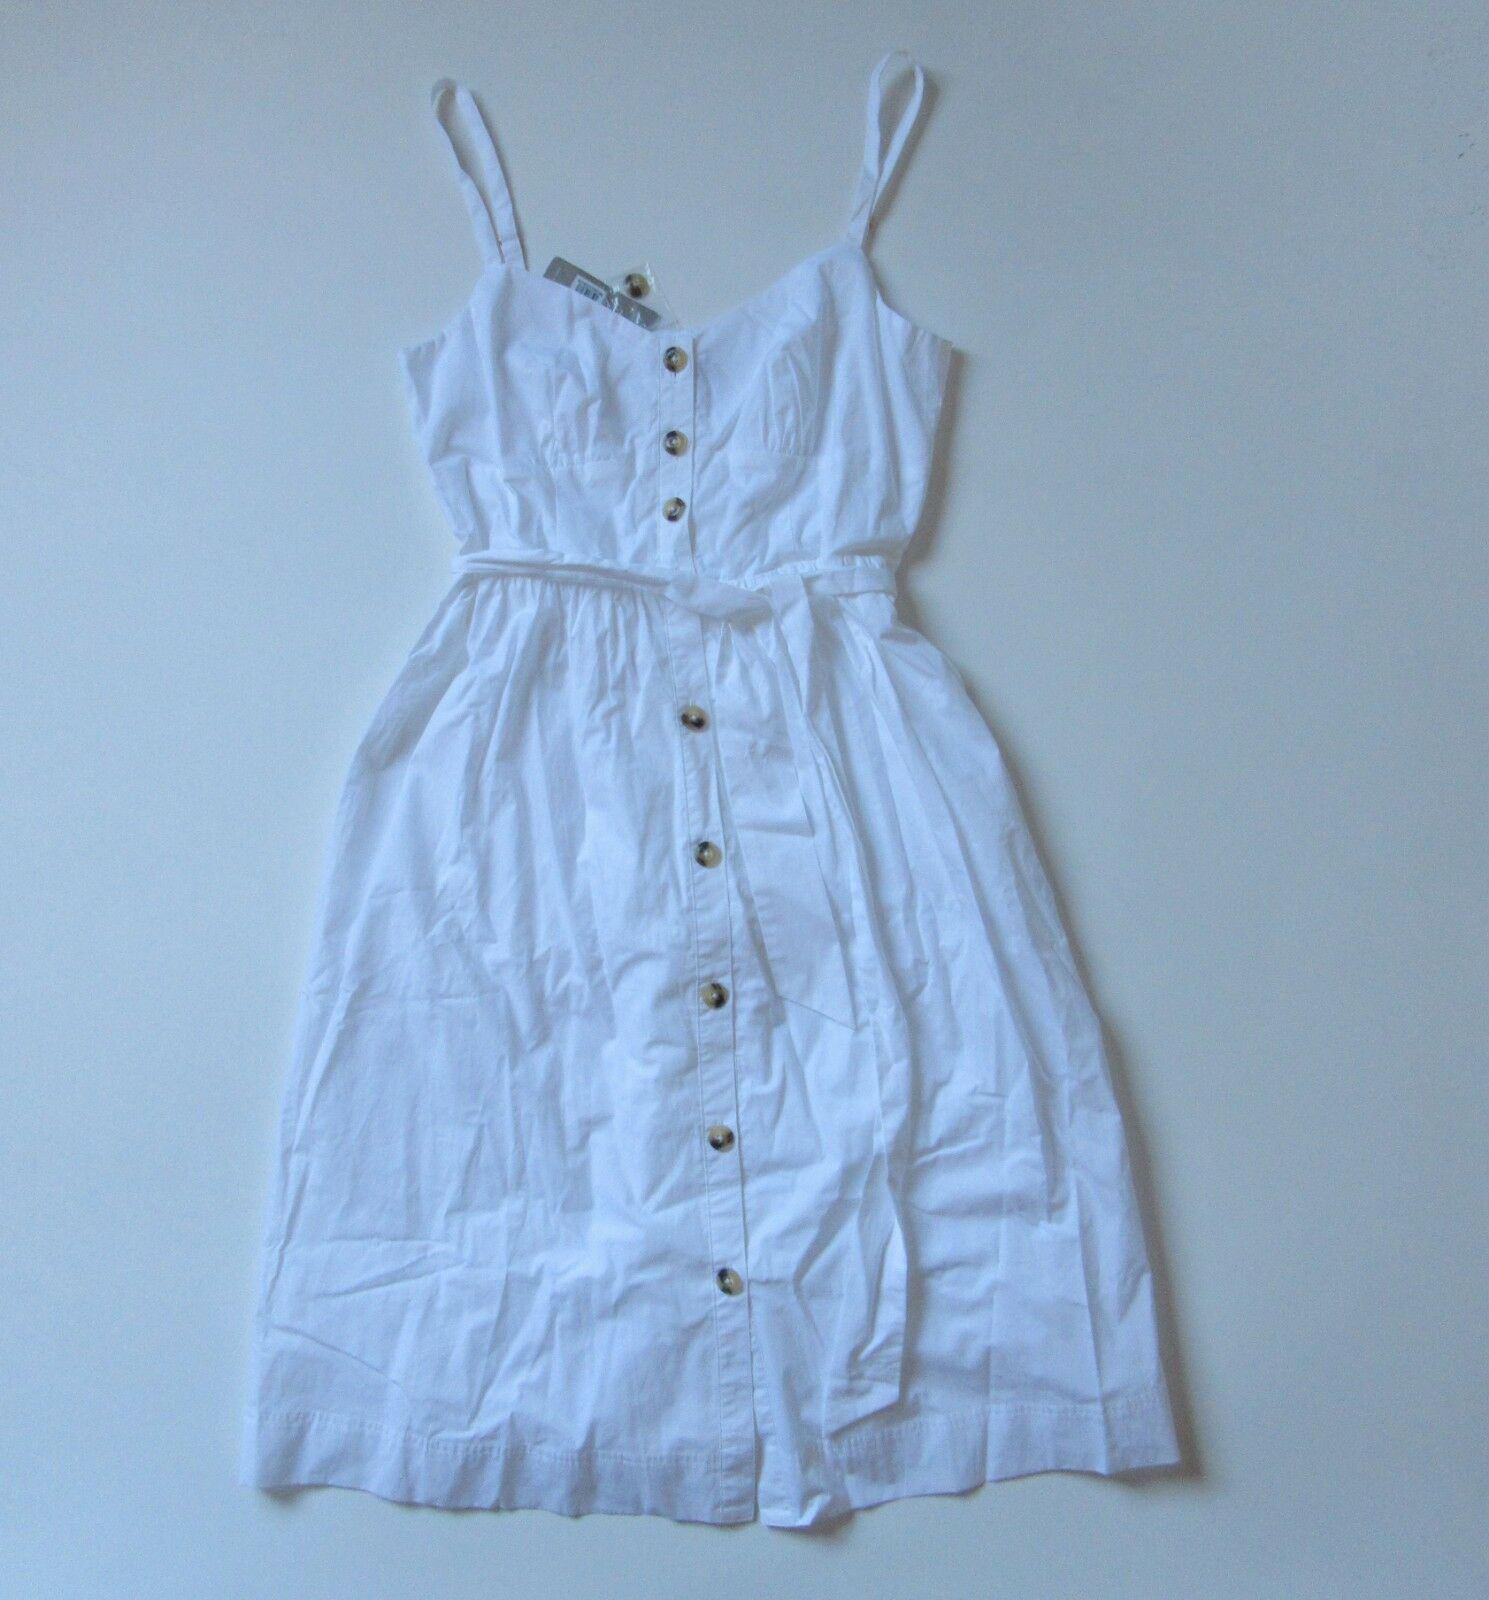 NWT J.Crew Classic Button-Front Sundress in Weiß Cotton Poplin Shirt Dress 10